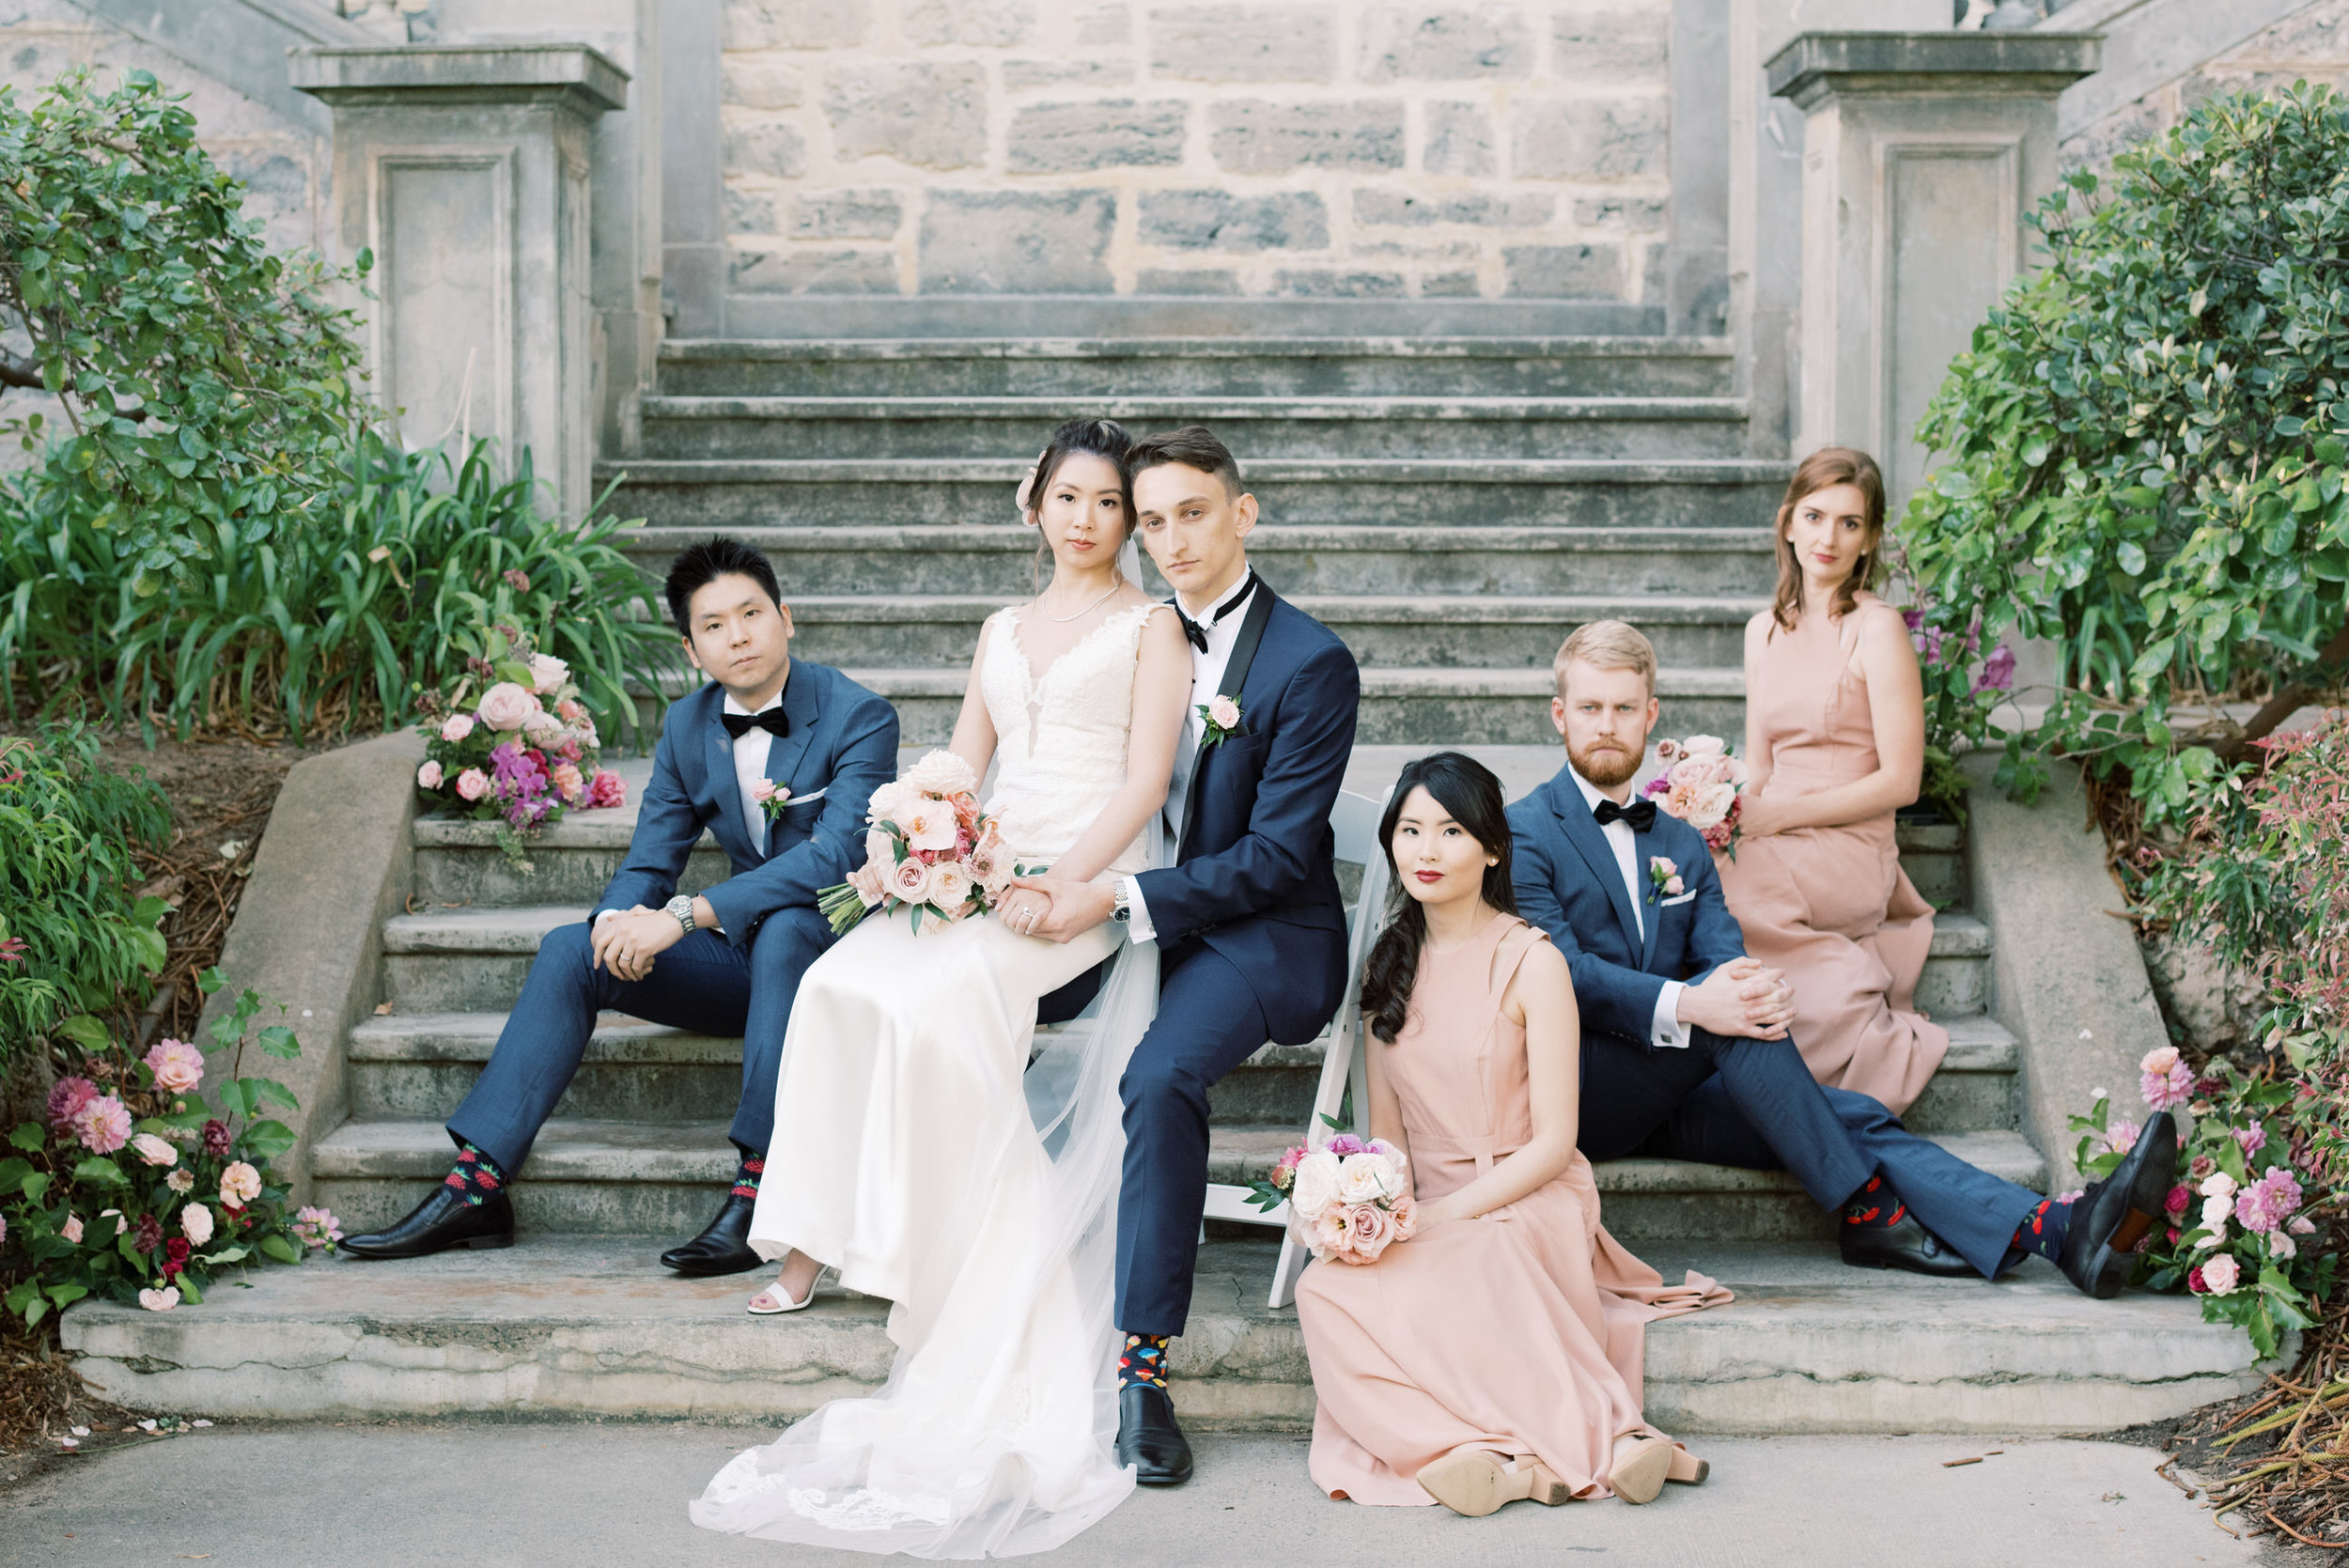 bridal group portrait vogue style perth